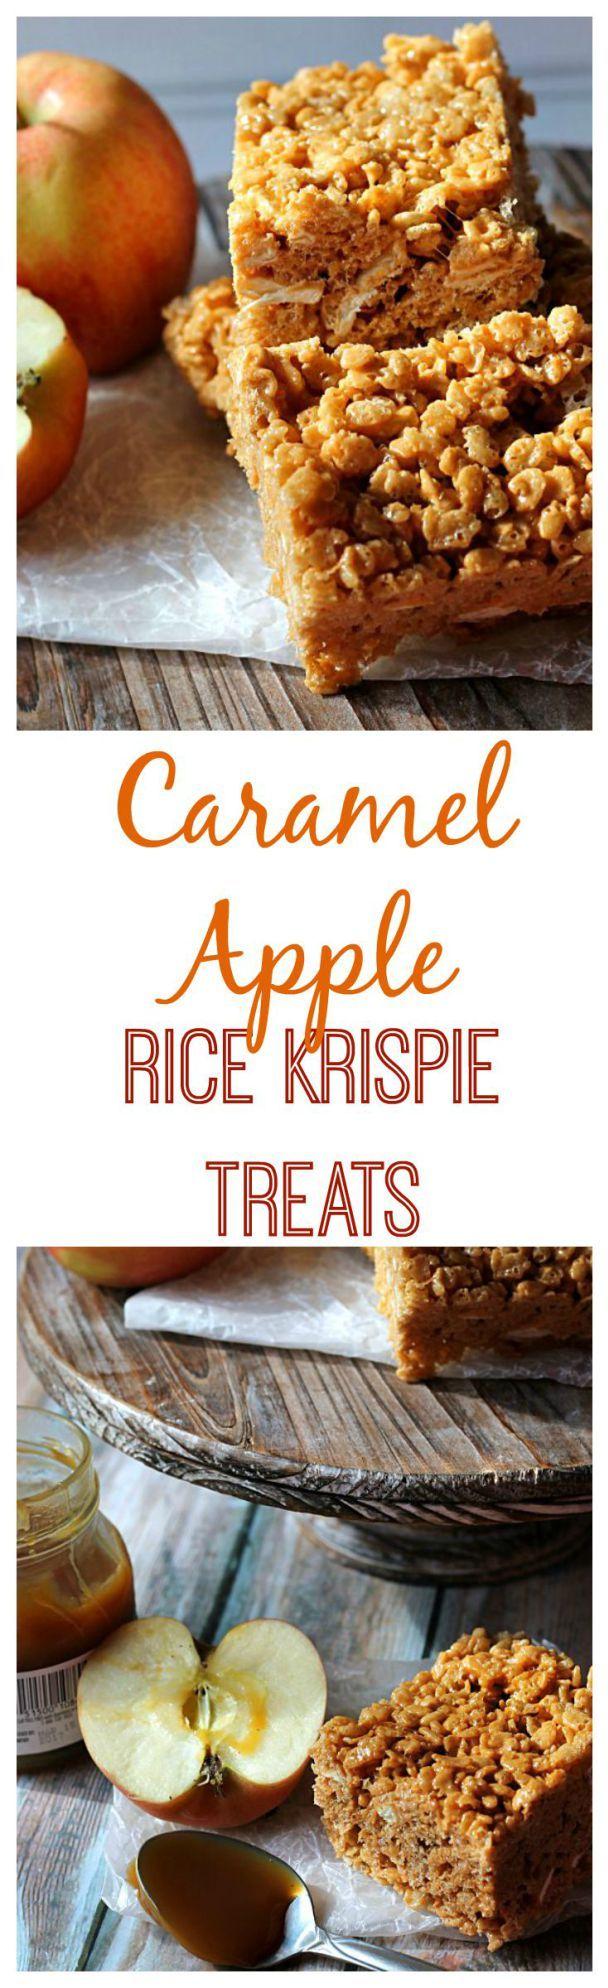 Caramel Apple Rice Krispie Treats (pie pops)